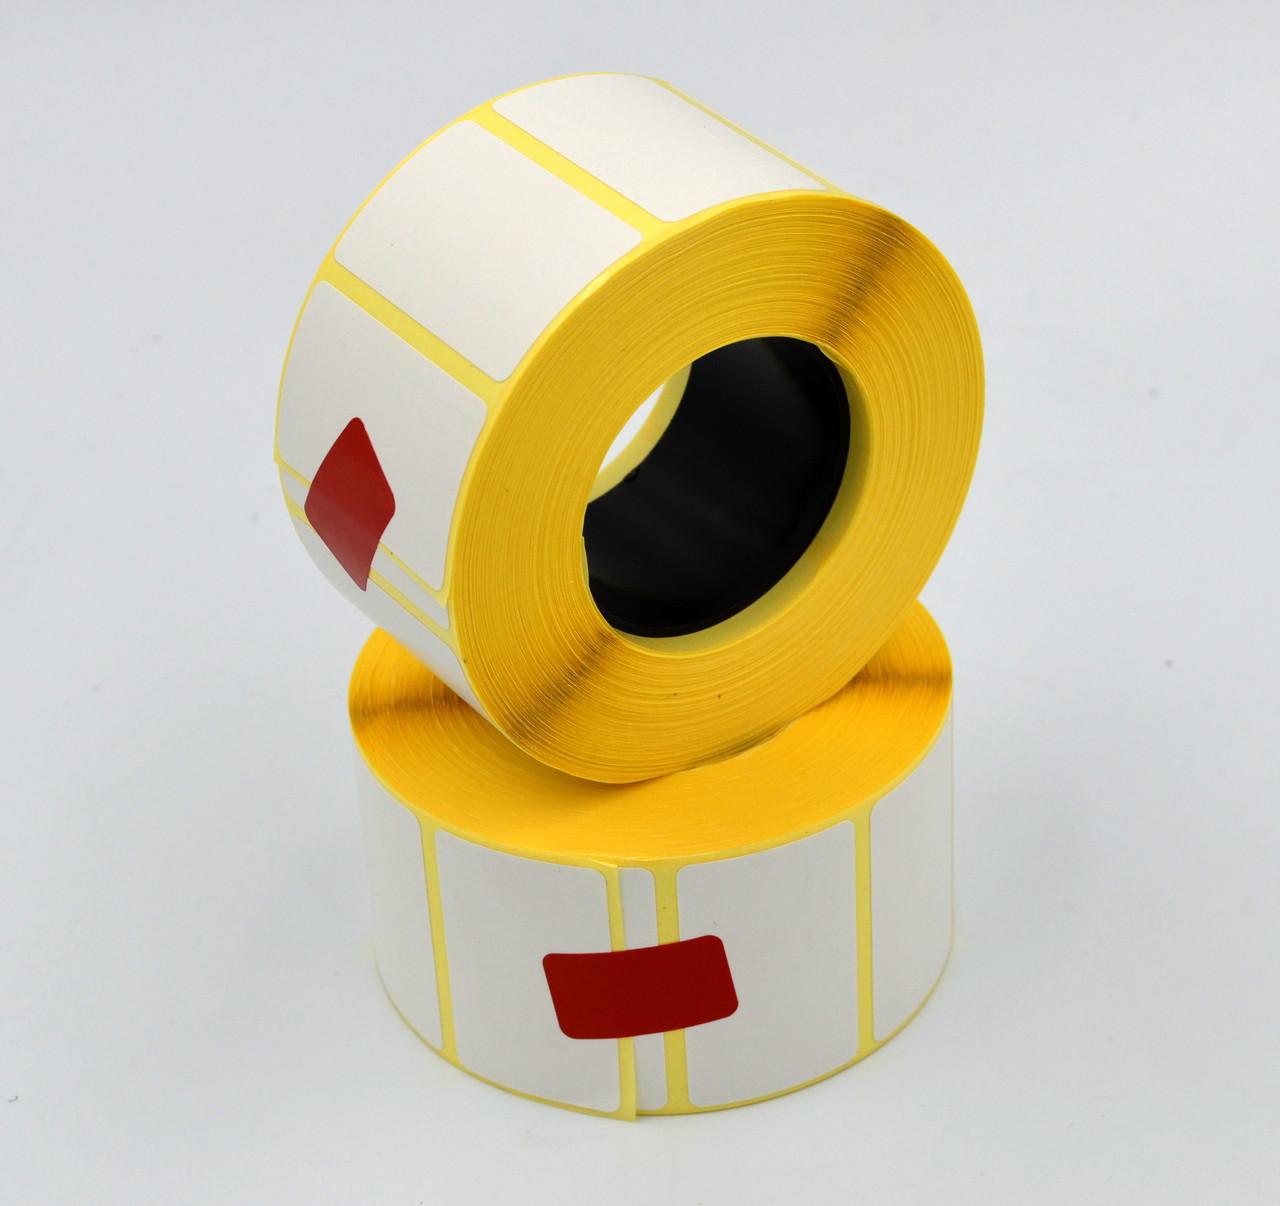 Mobitehnika Термоэтикетка износостойкая ТермоТОП 40*25 1000шт. вт. 25мм для этикеточных принтеров